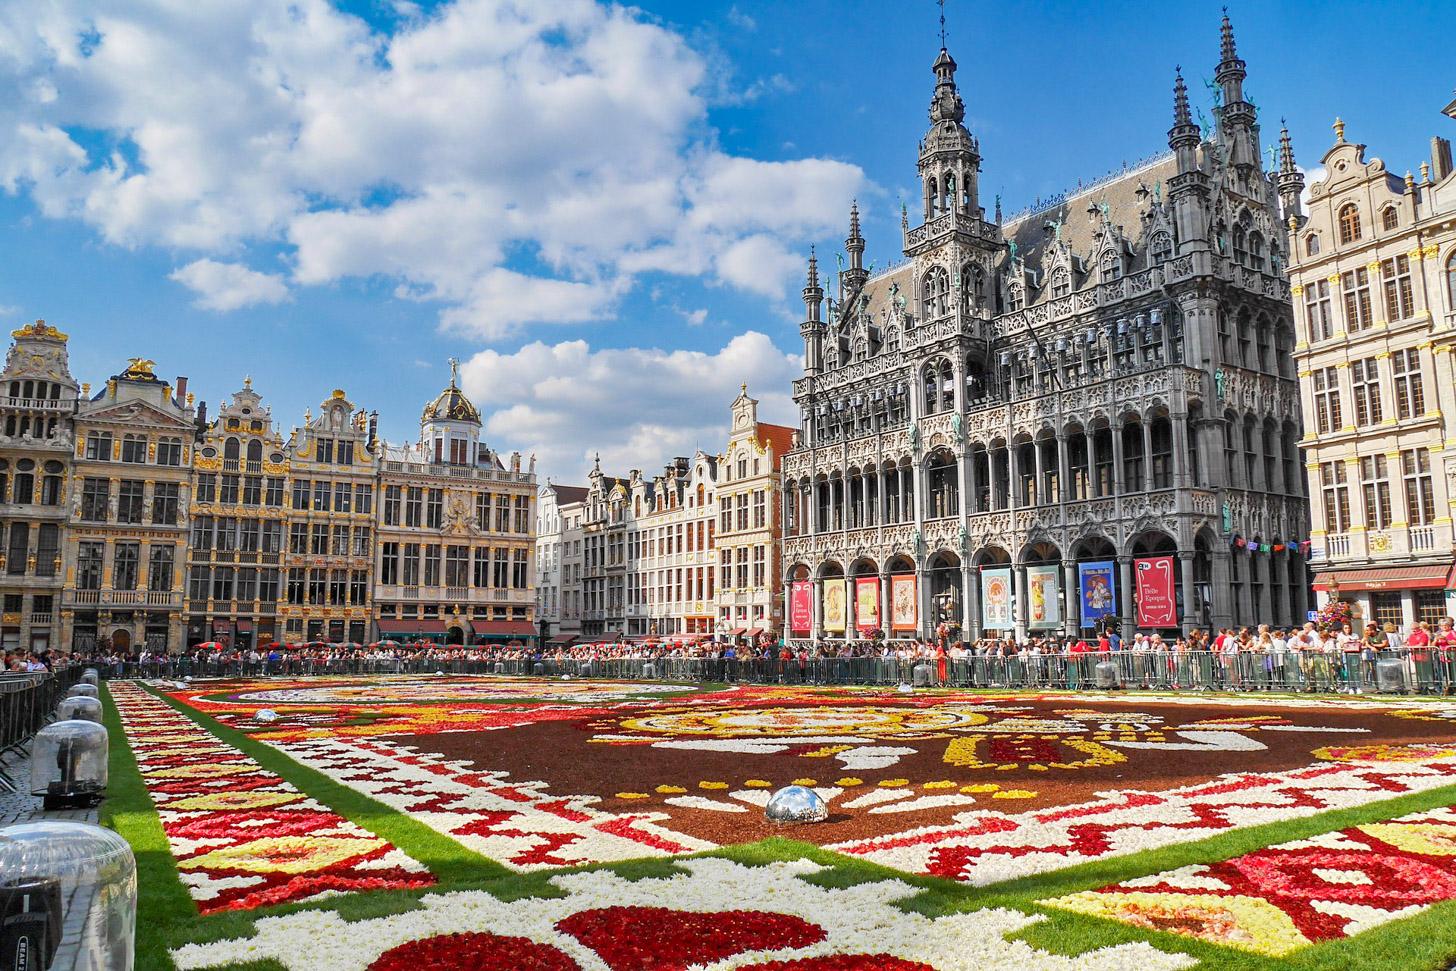 Brussels Bloemen Tapijt